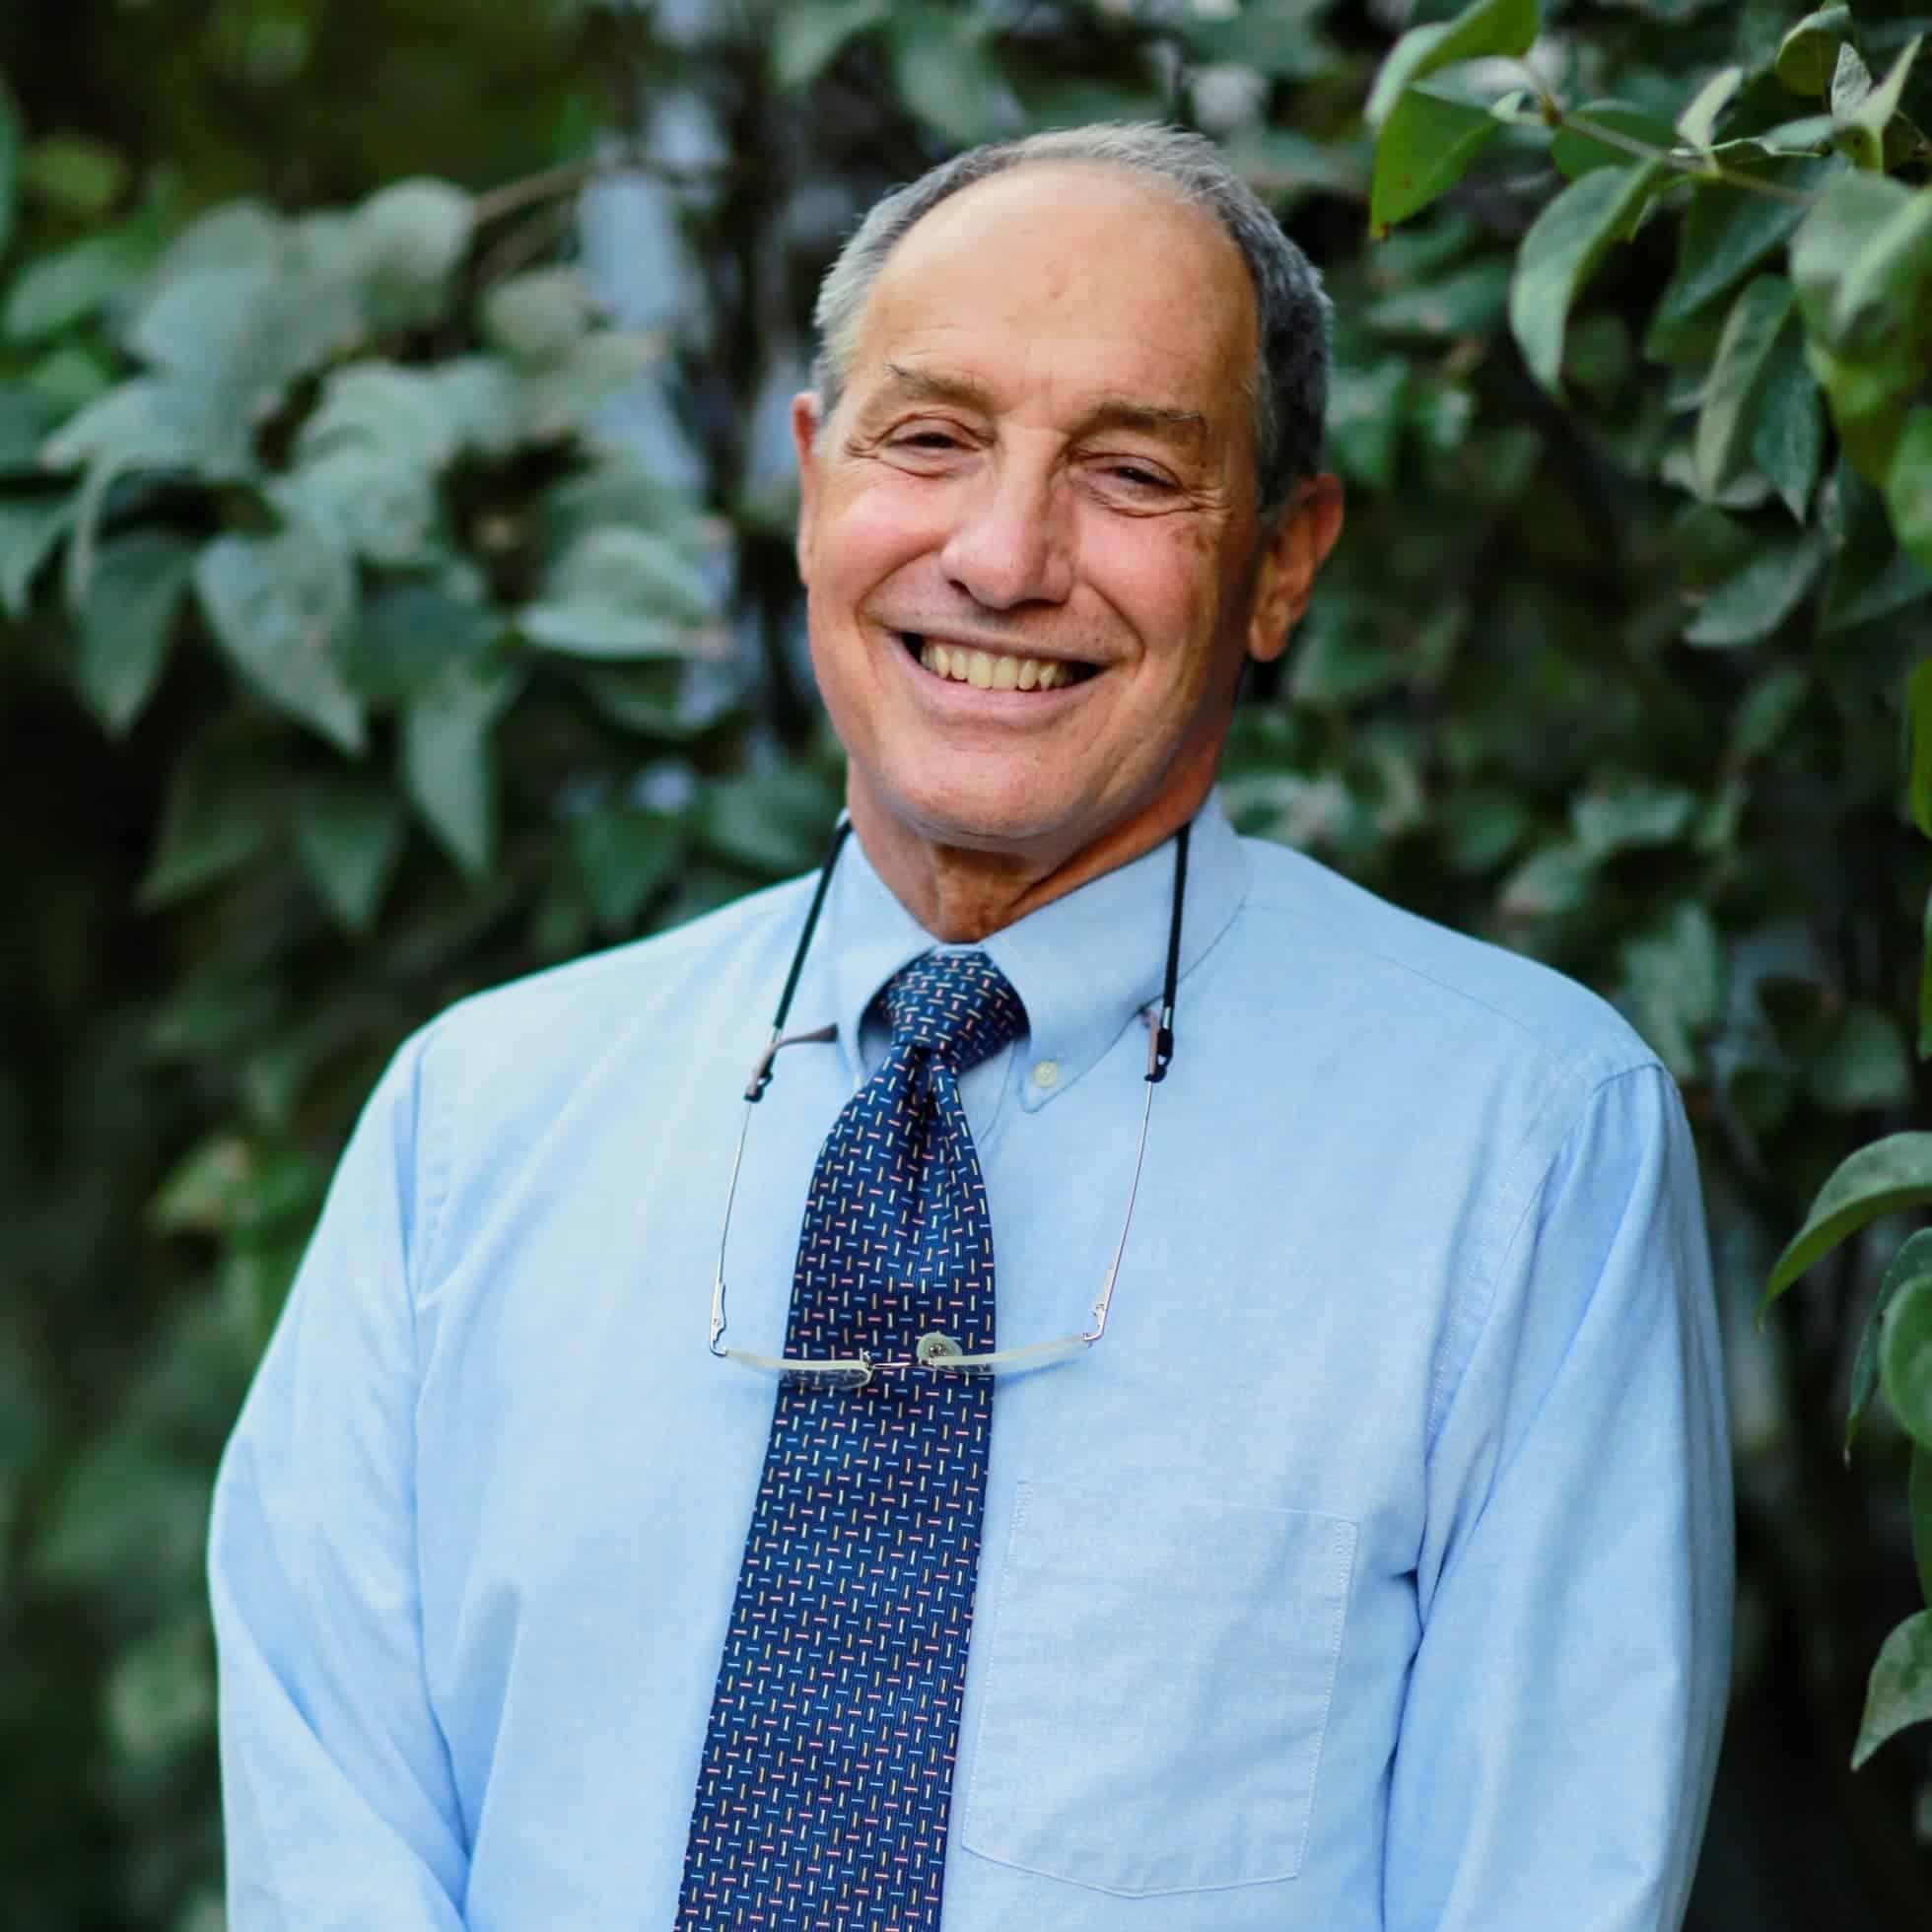 Dr. Nieskens